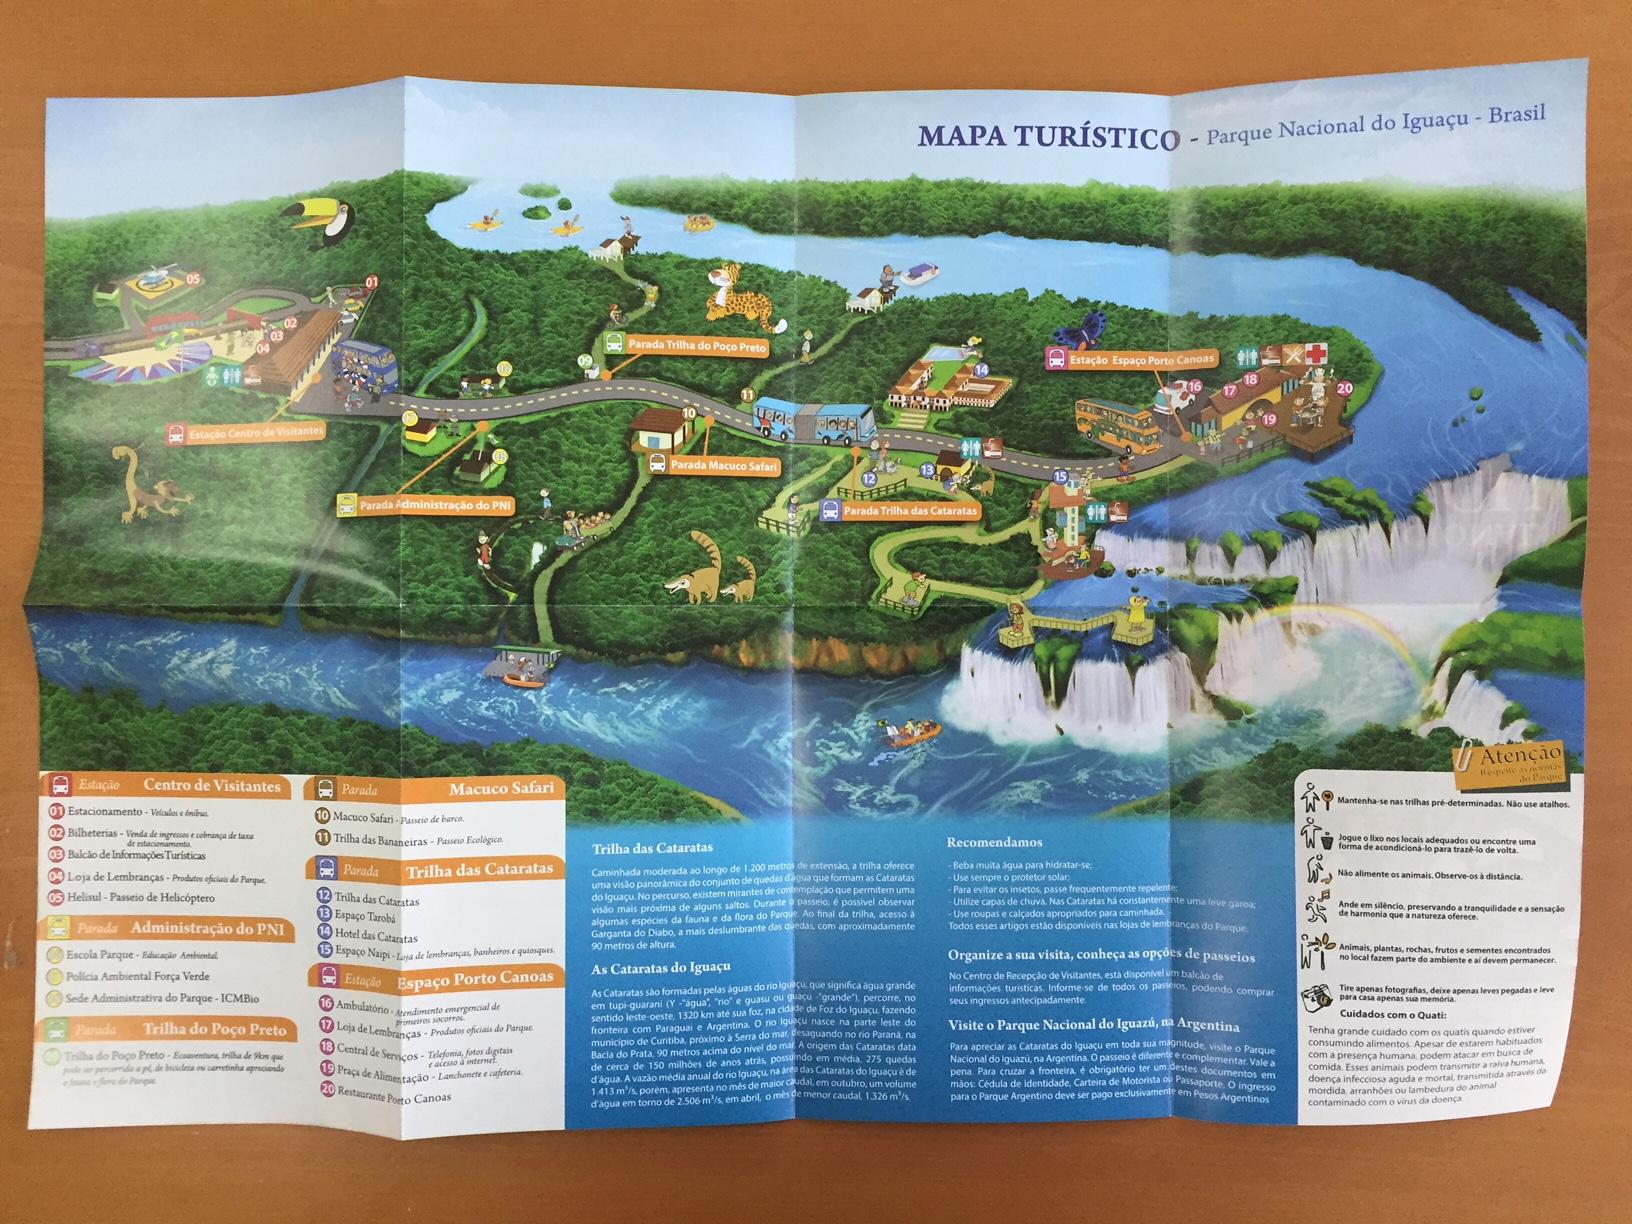 Mapa del lado brasileño de las Cataratas de Iguazú. Info útil para quien quiera visitar las Cataratas de Iguazú desde Brasil